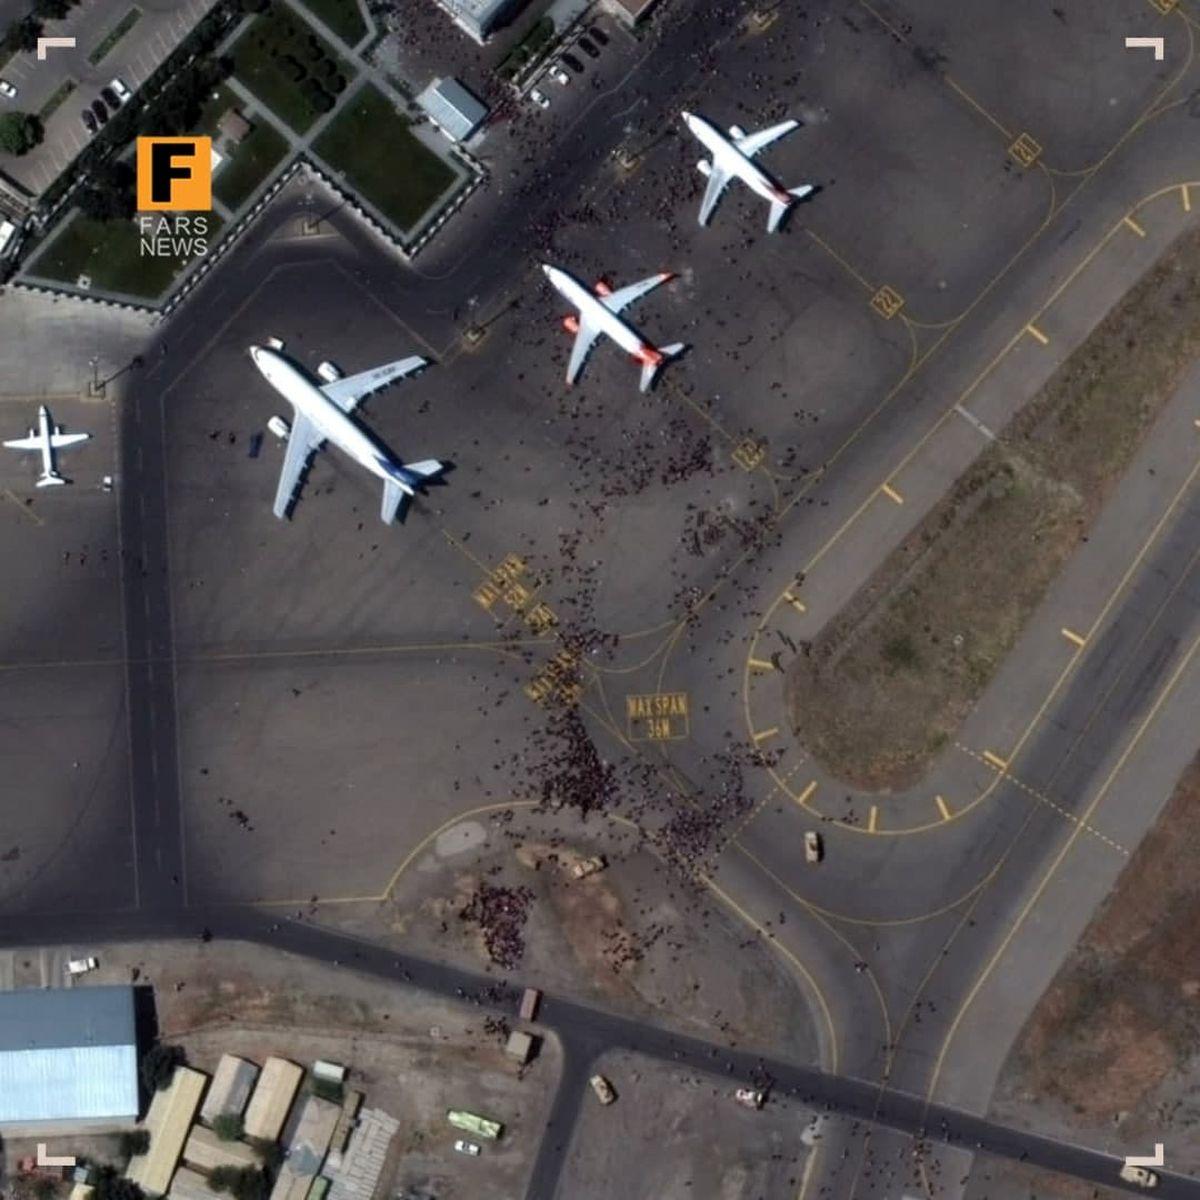 گزارش ارتش انگلیس از تعداد افغانهای کشته شده در فرودگاه کابل